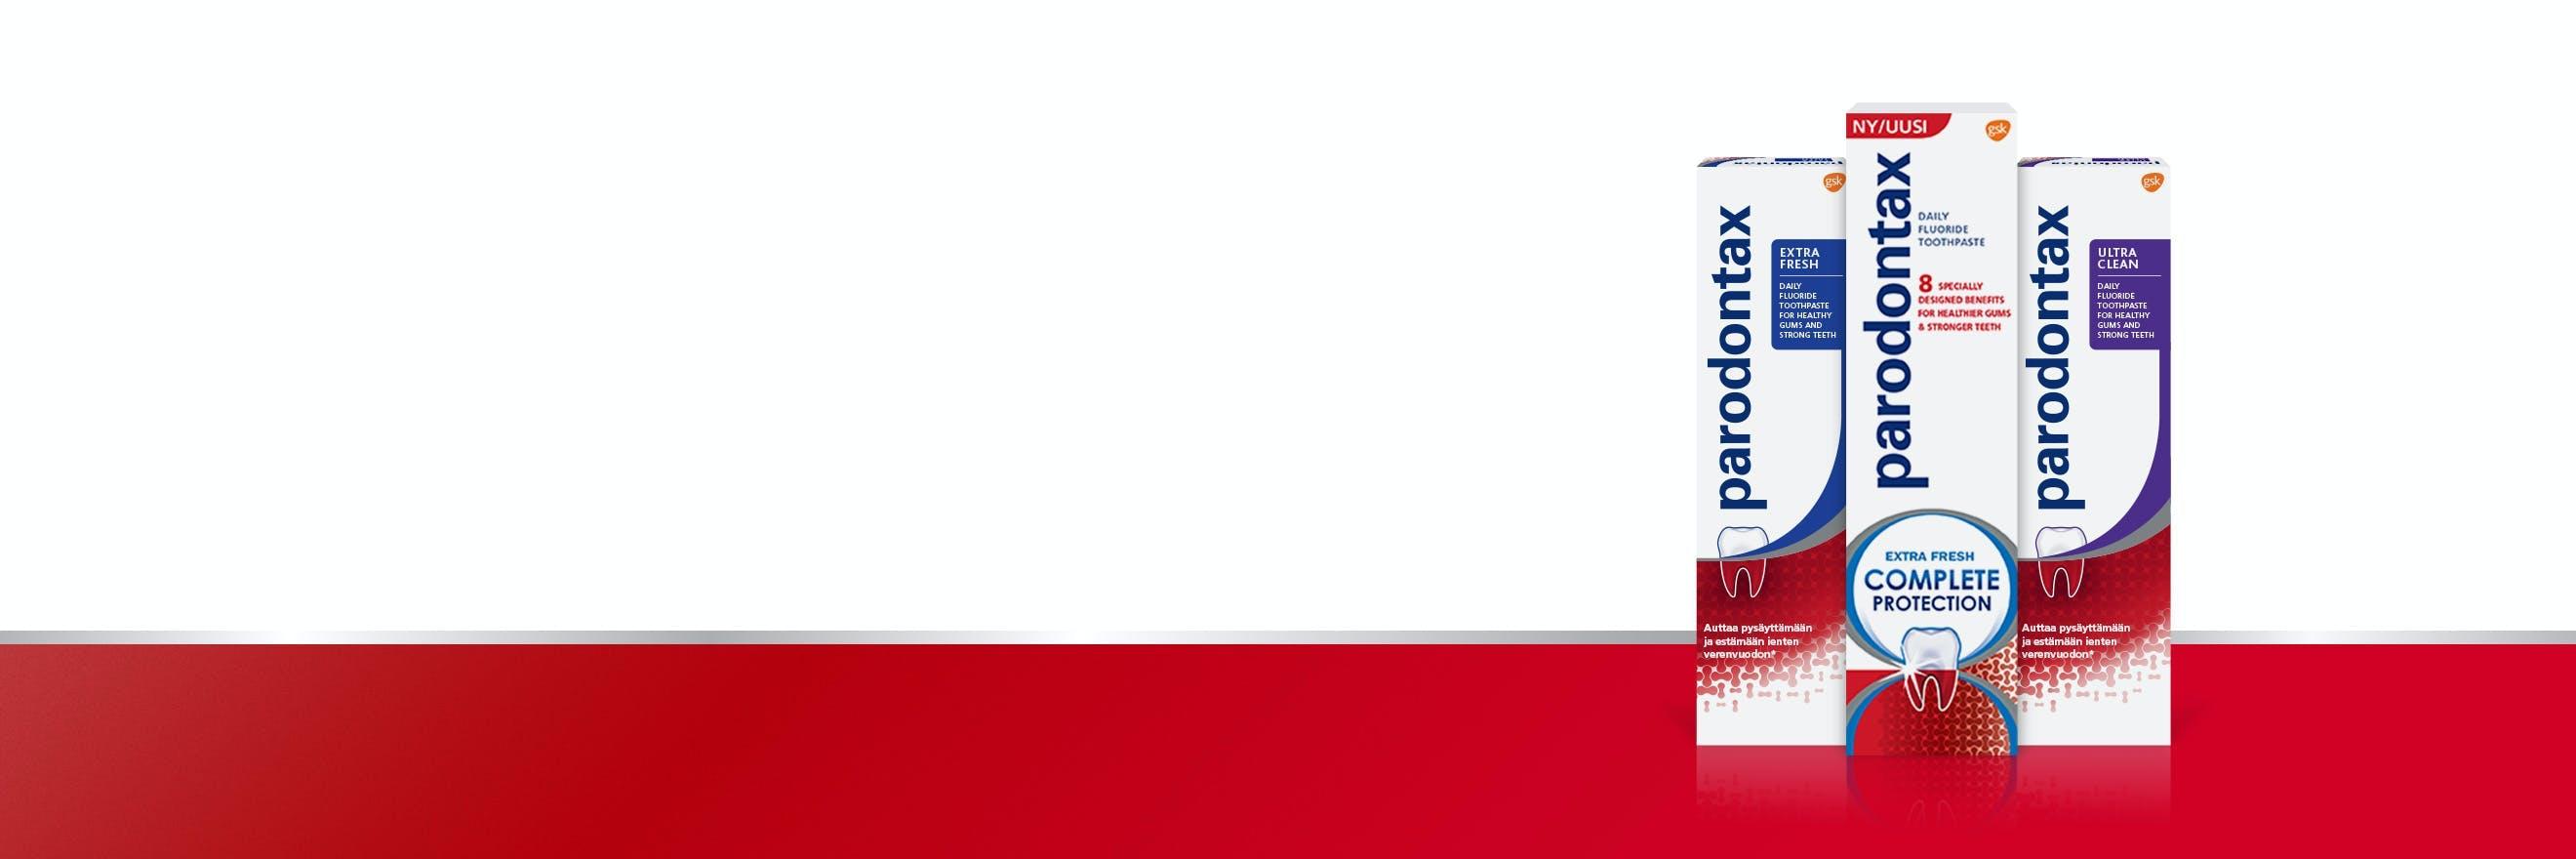 Hammastahna vuotaville ikenille ja parodontiitin ehkäisyyn sekä päivittäiseen ammattilaistason hoitoon